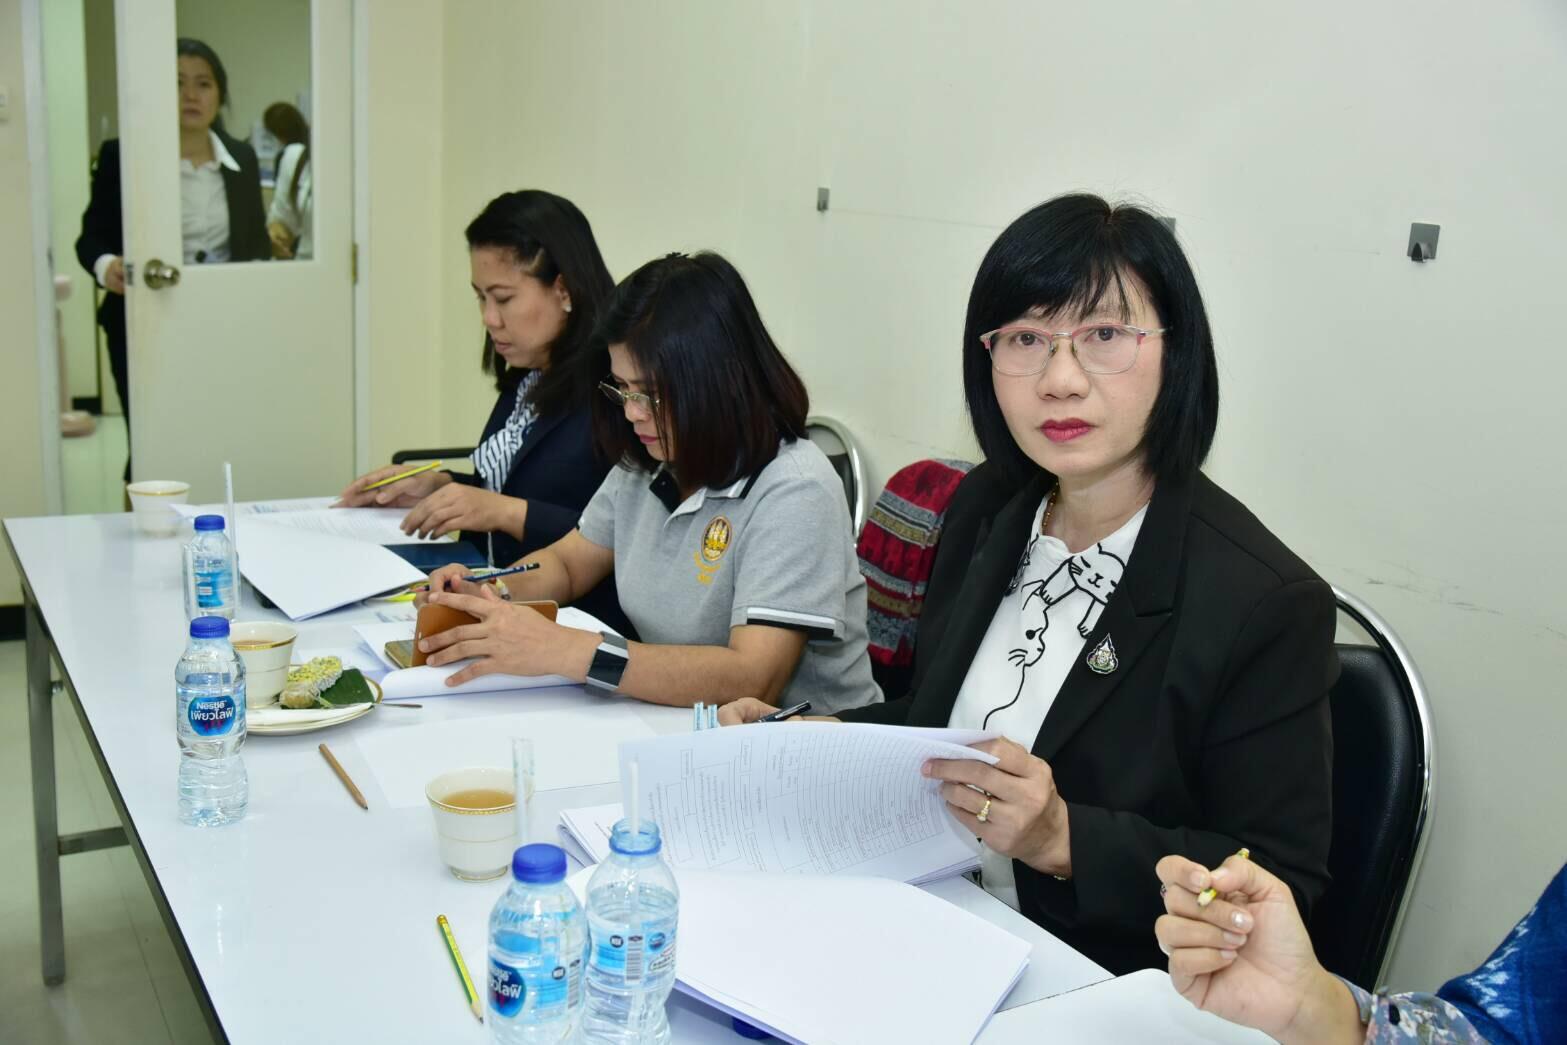 การประชุมคณะอนุกรรมการพิจารณากลั่นกรองกฎหมายกองทุนเพื่อการบริหารจัดการการทำงานของคนต่างด้าว ครั้งที่ 6/2562